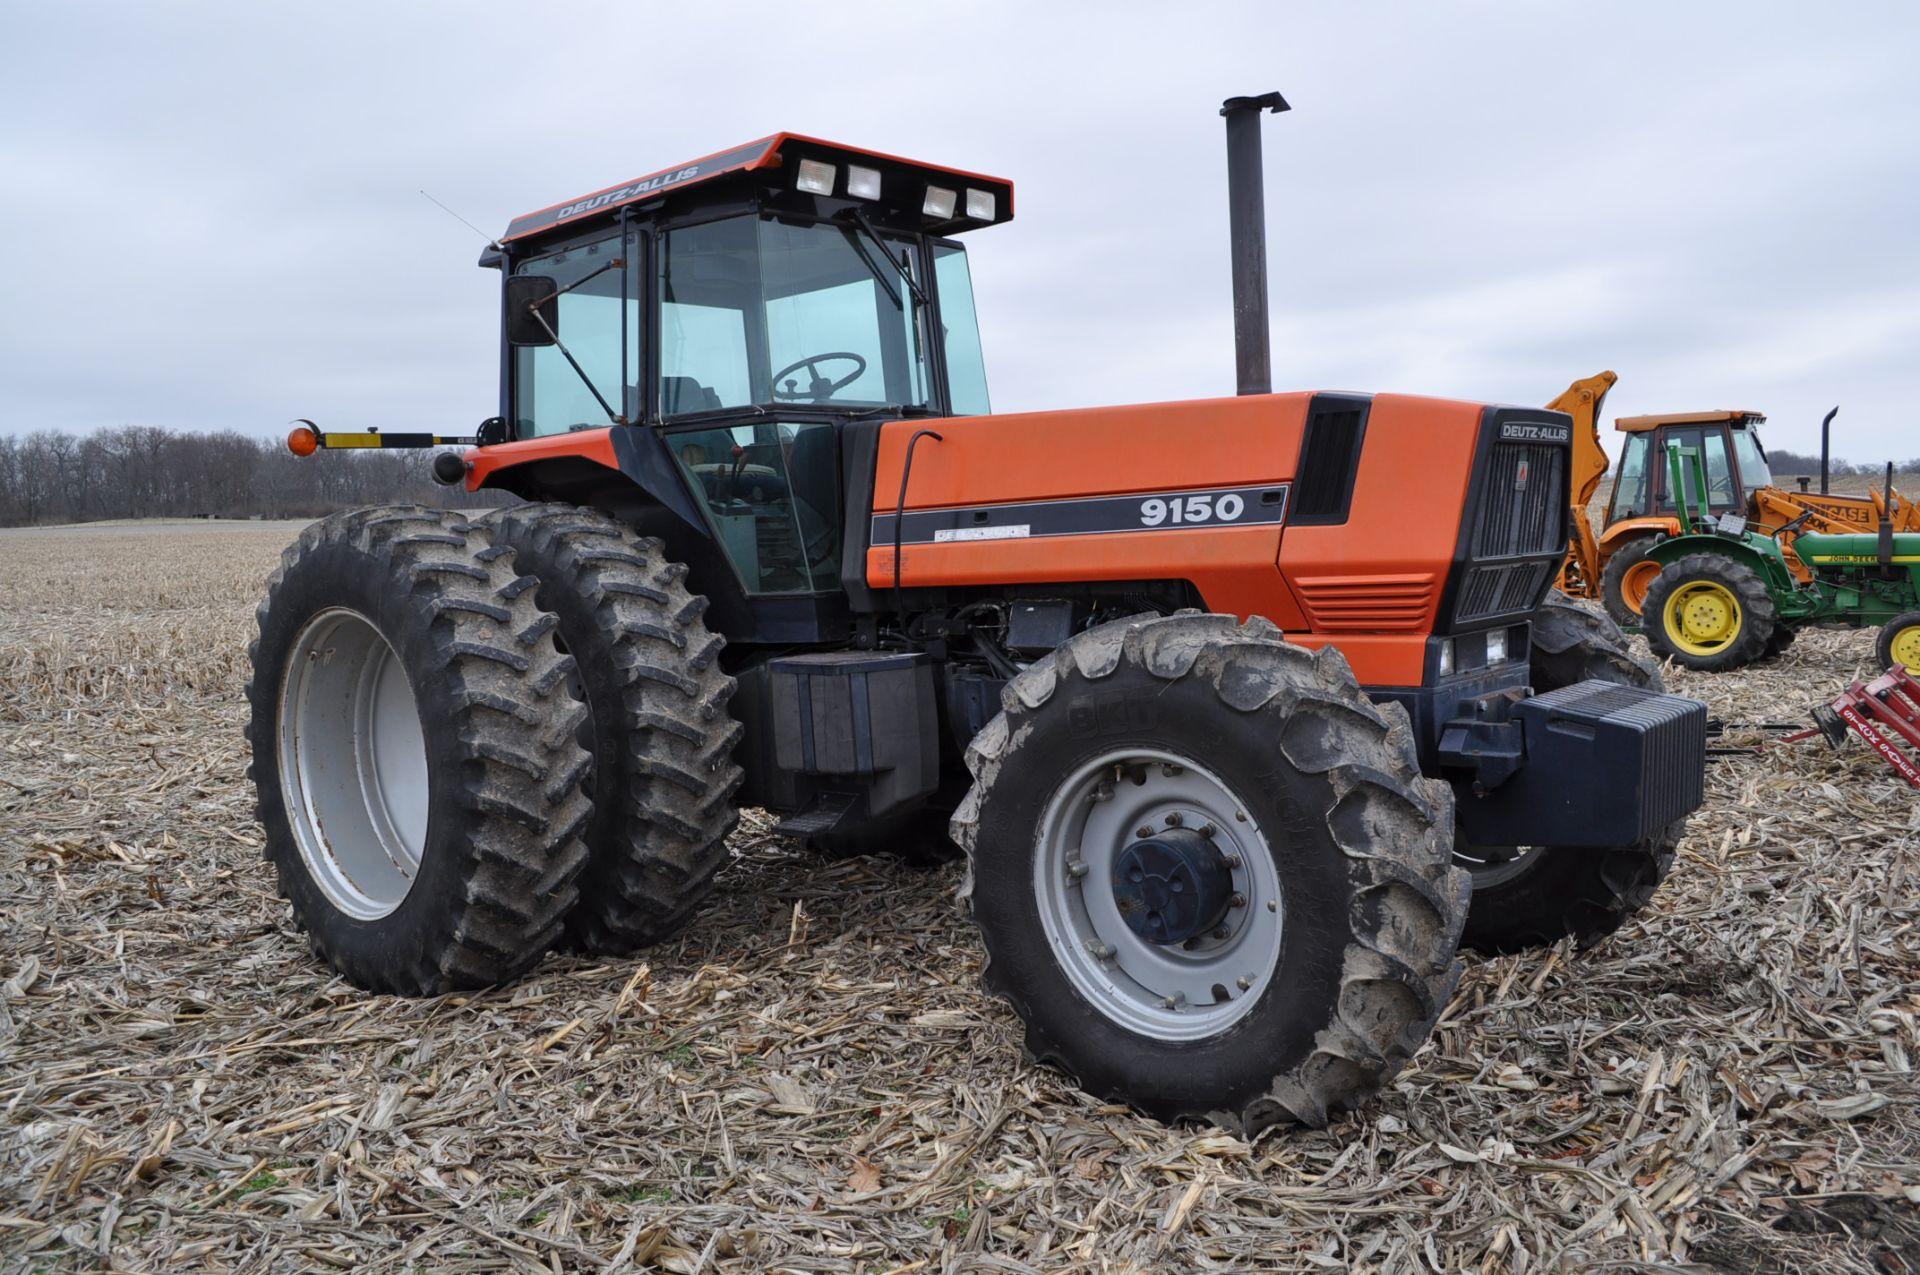 Deutz Allis 9150 tractor, MFWD, 18.4 R 42 duals, 420/85 R 28 tires, 6+3 speed range, 2 hyd - Image 4 of 20